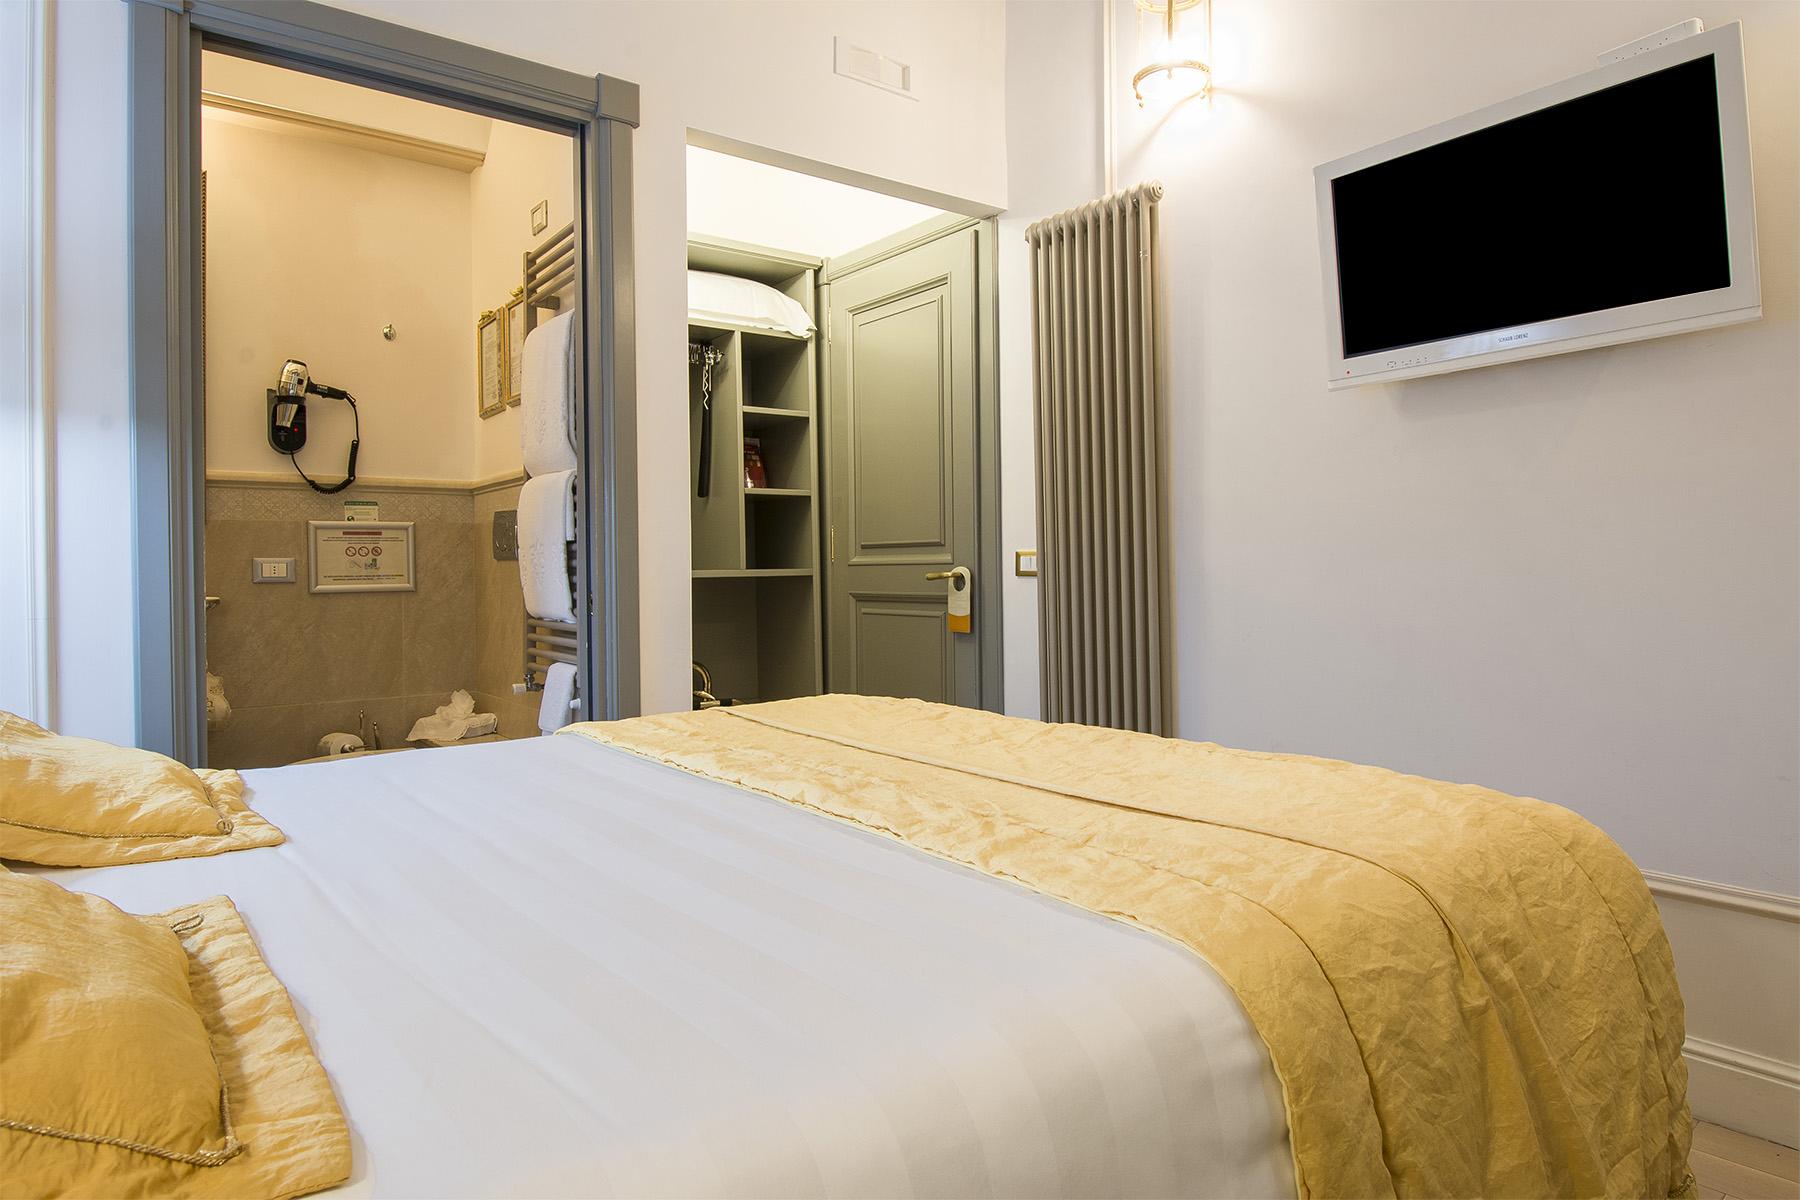 Appartamento in Vendita a Firenze: 5 locali, 220 mq - Foto 15